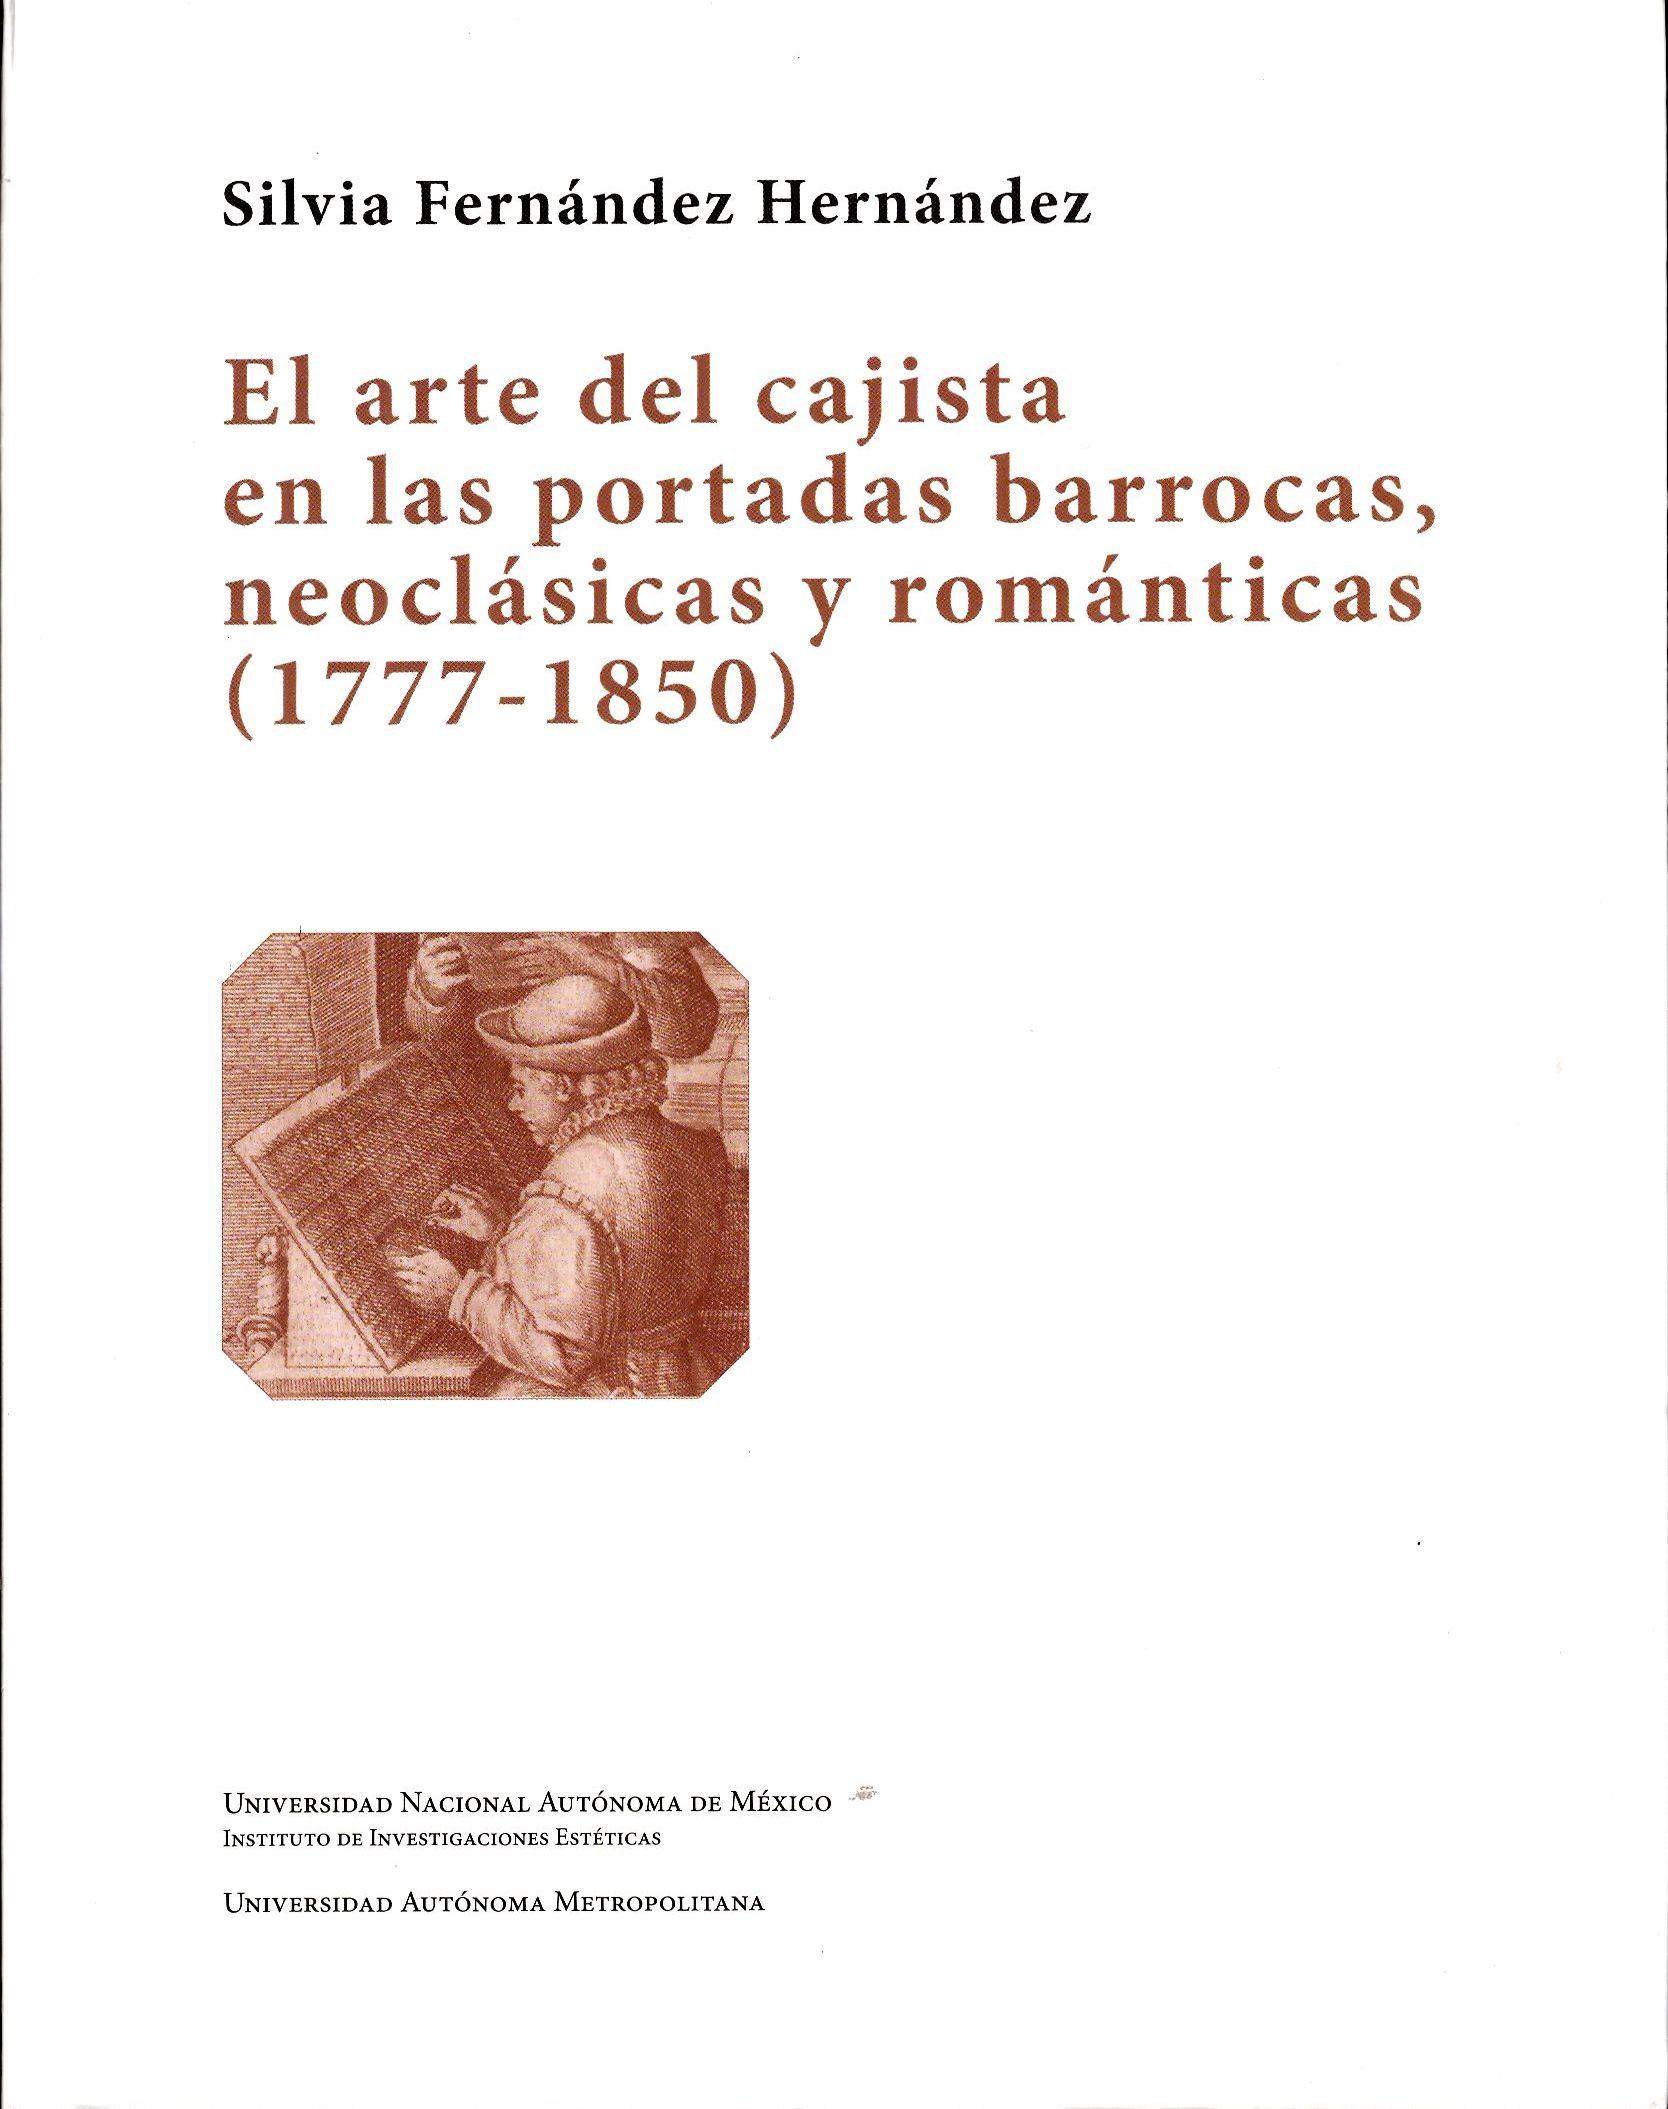 El arte de la cajista en las portadas barrocas, neoclásicas y románticas (1777-1850)